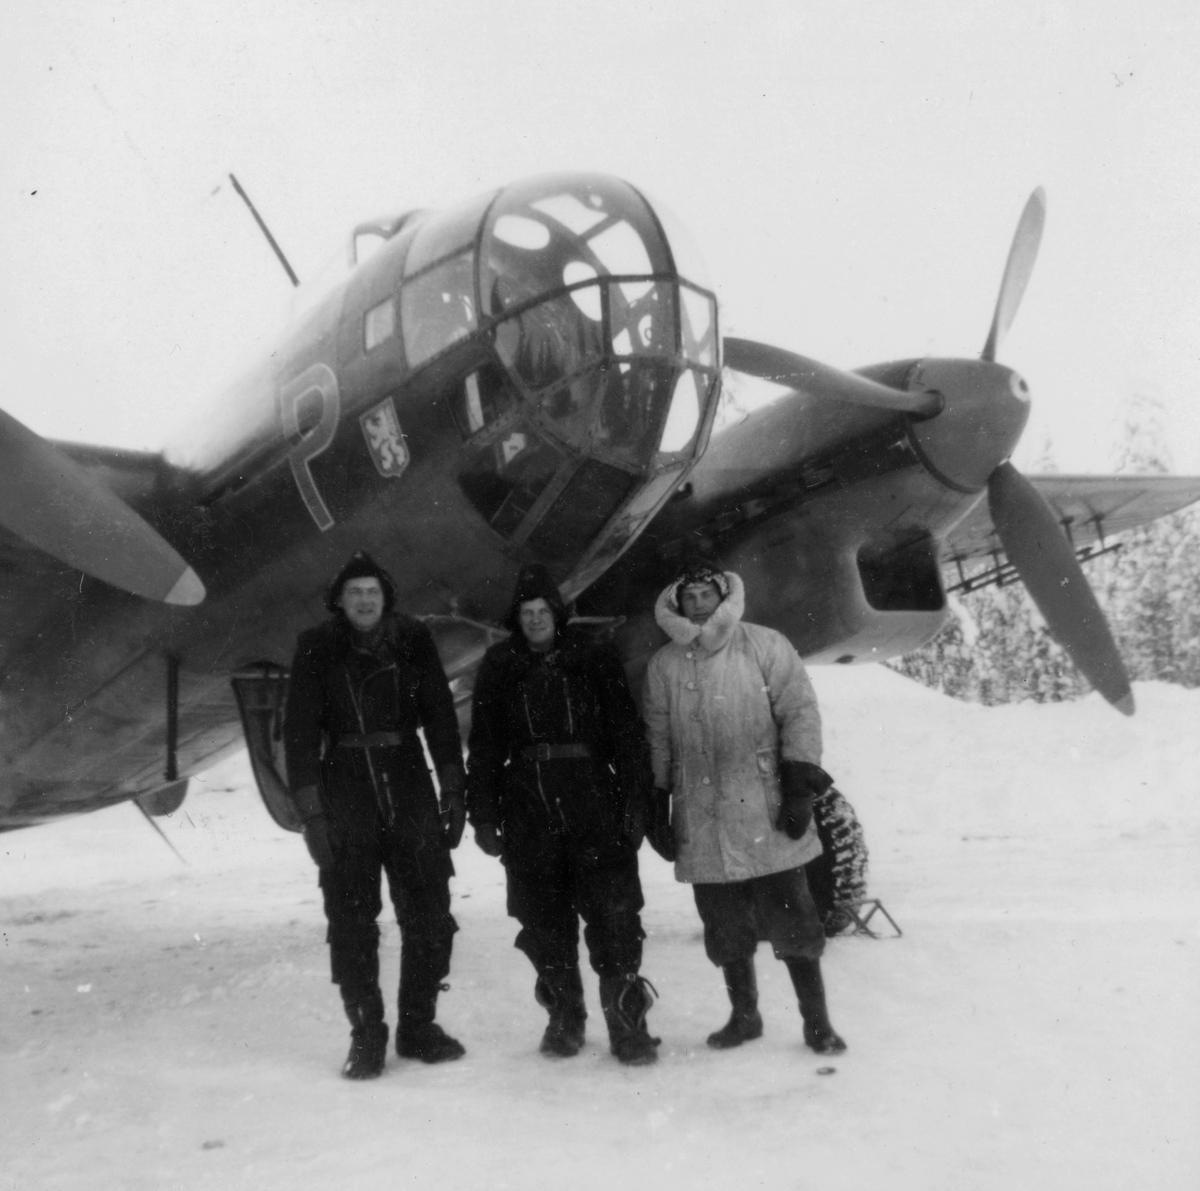 Flygmekaniker från F 14 framför flygplan B 18 i februari 1946, i samband med planerad flygning Halmstad-Kiruna. Flygningen slutade i nödlandning i Härnösand den 10 februari.